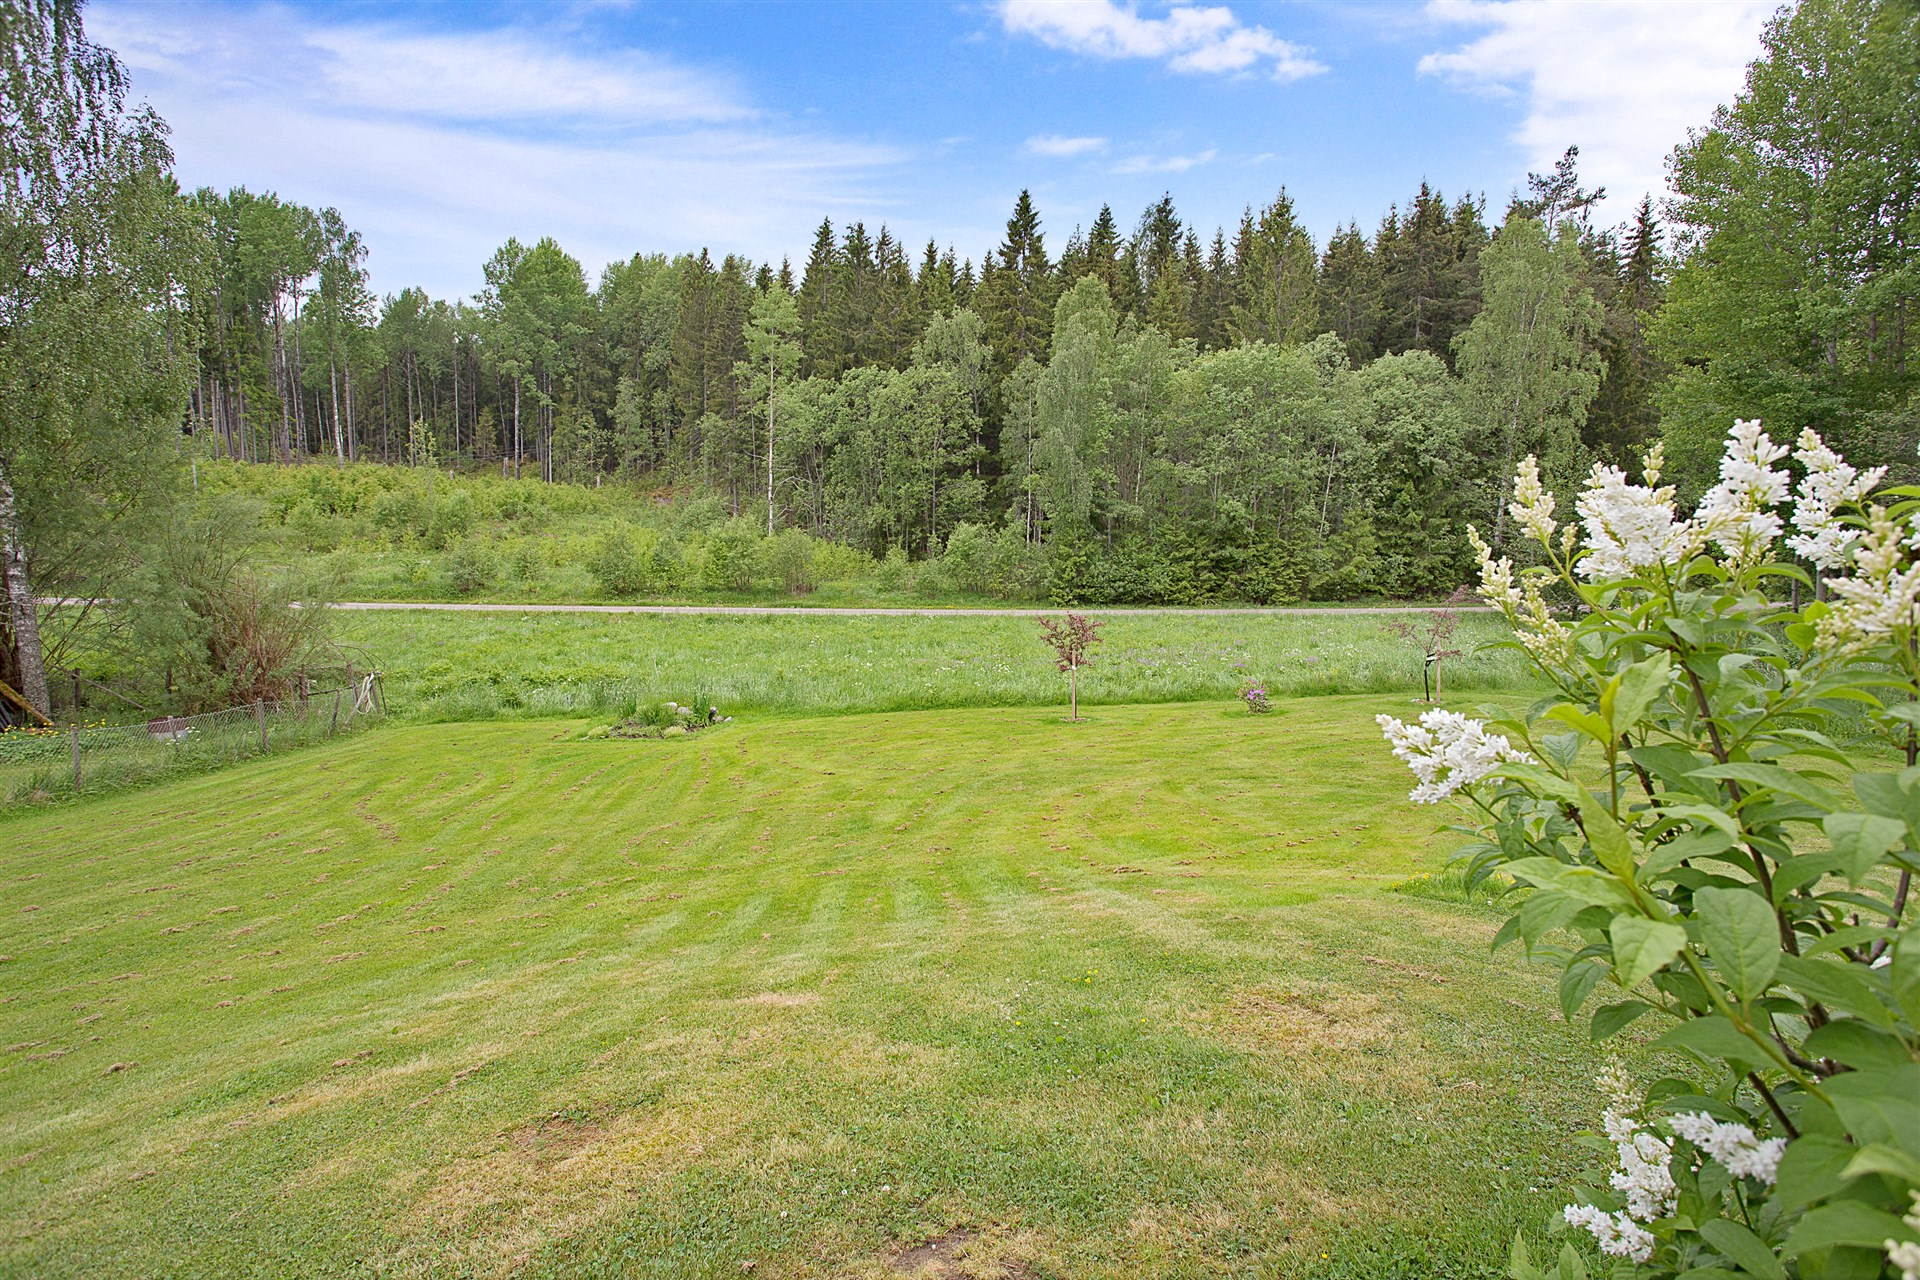 Stor gräsyta, perfekt för barn att leka på. Här finns plats för både studsmatta, gungställning, sandlåda mm.